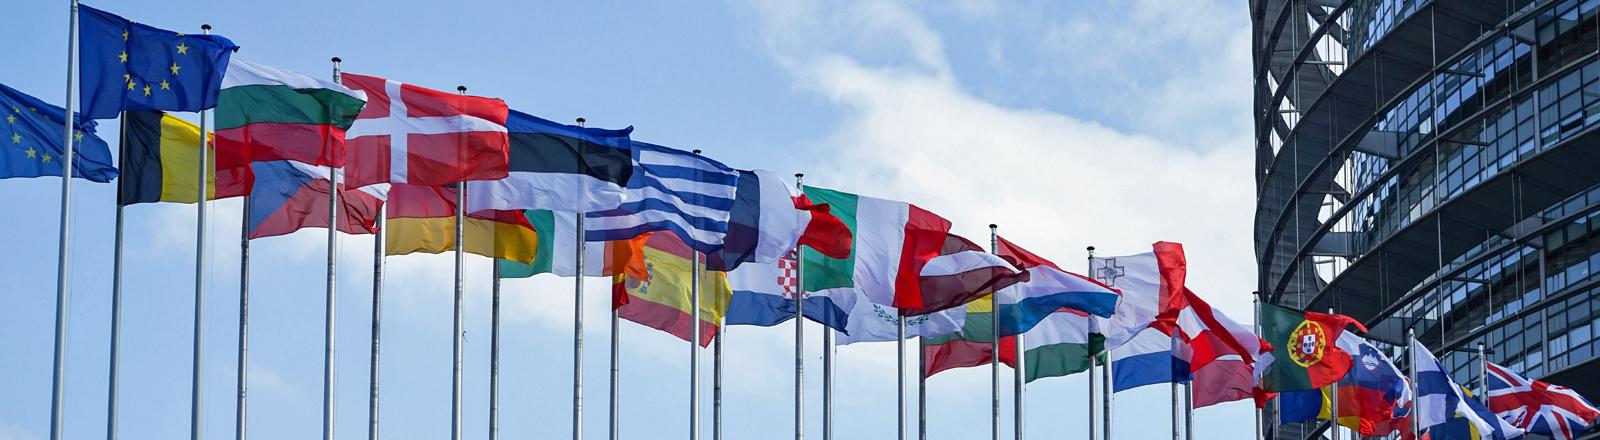 Flaggen der EU.